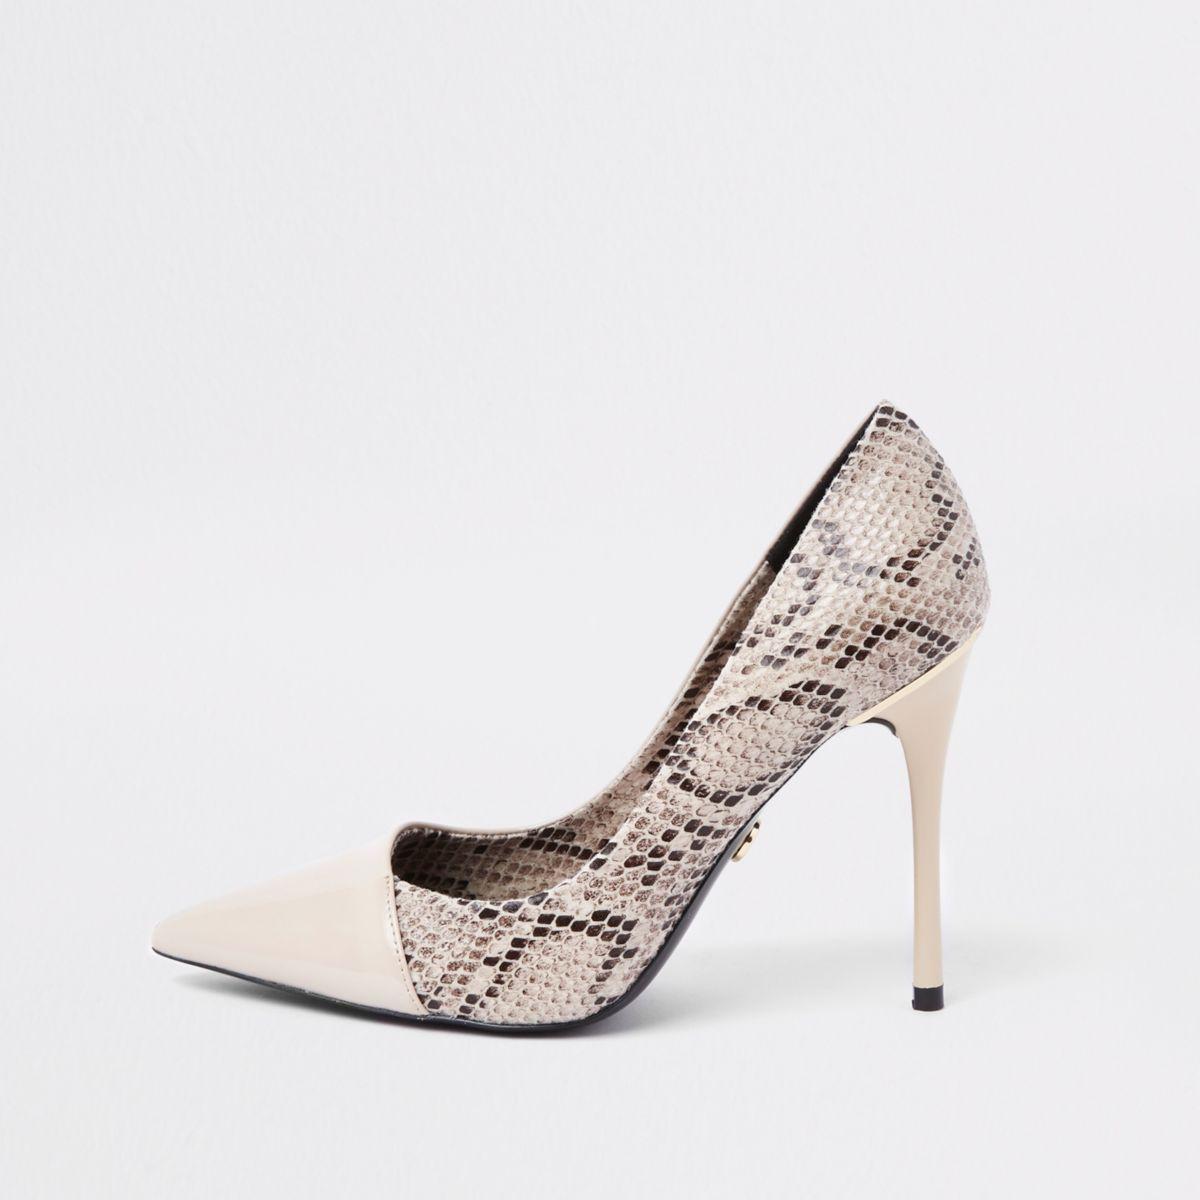 Beige snake skin wrap around court shoes